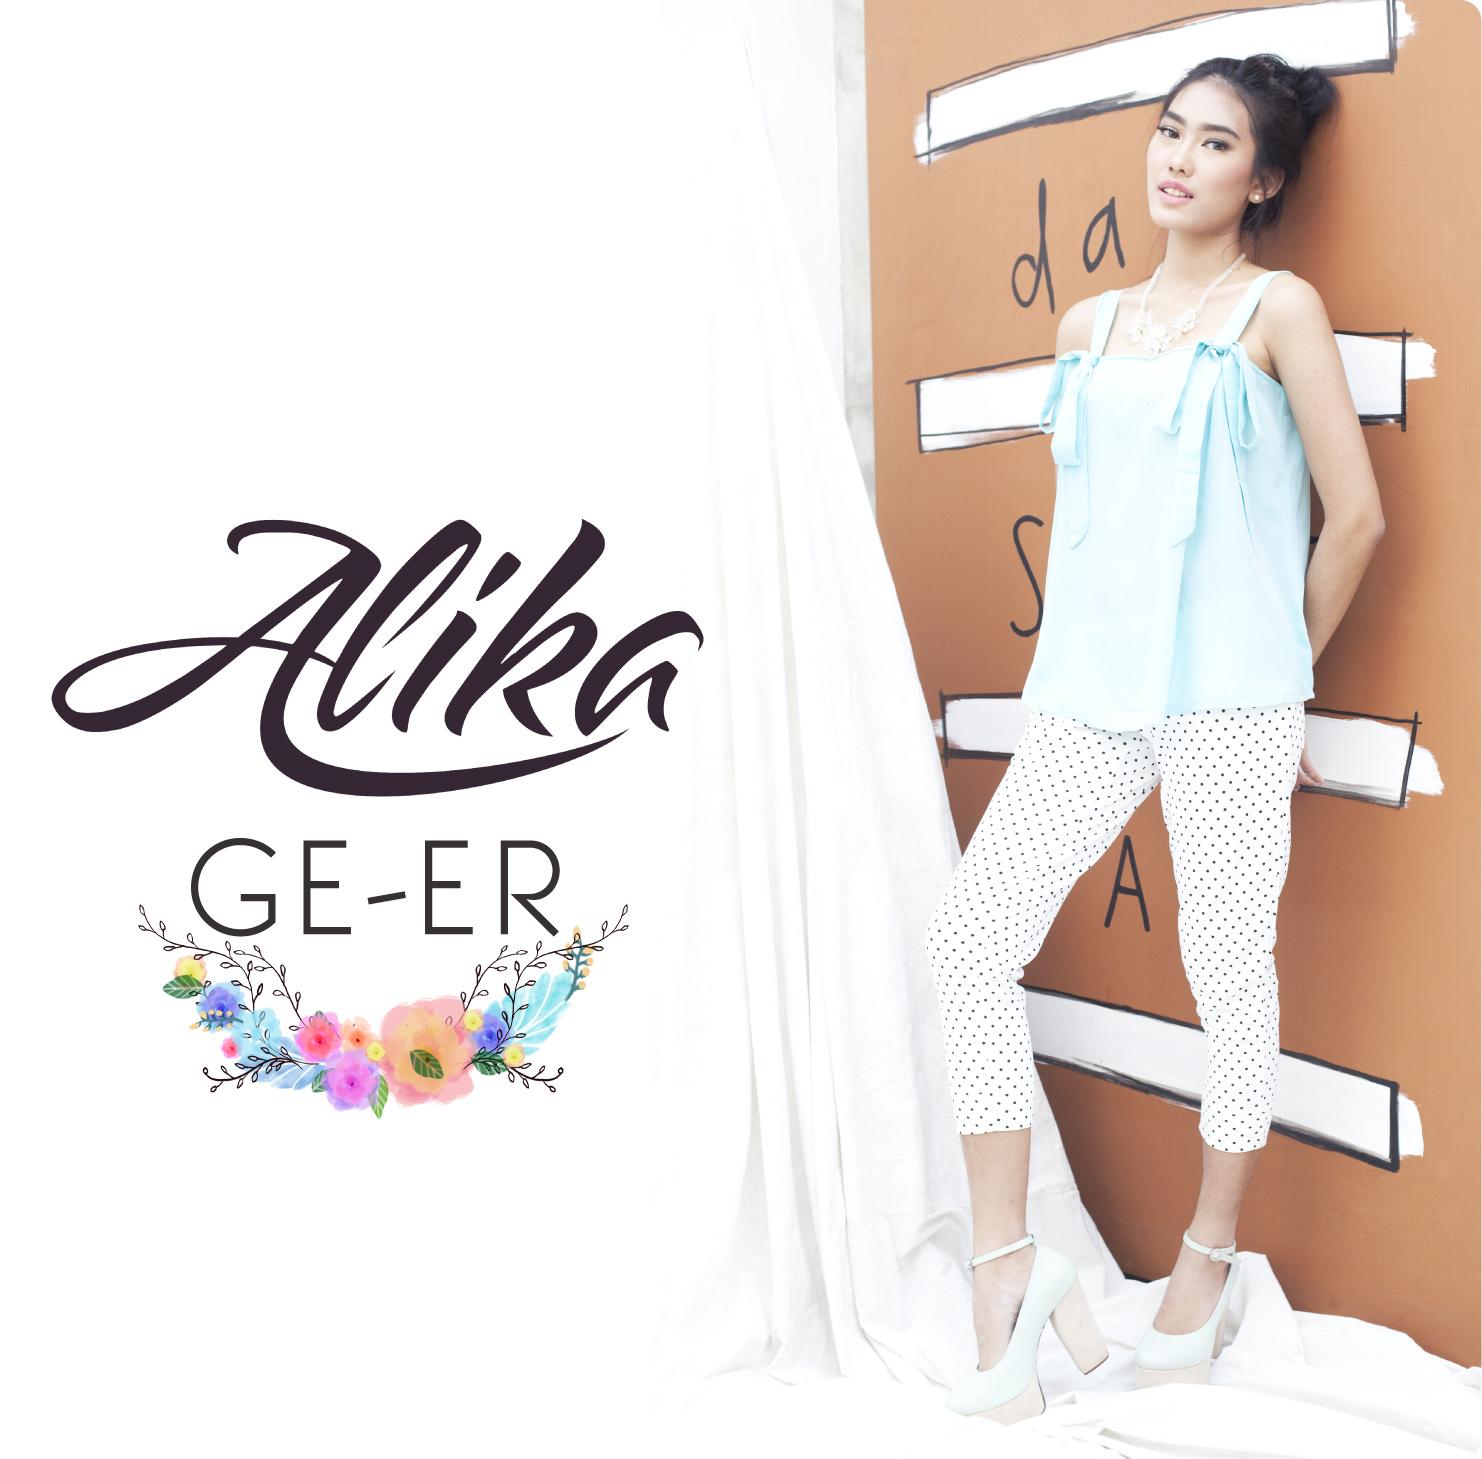 GE ER - 2014